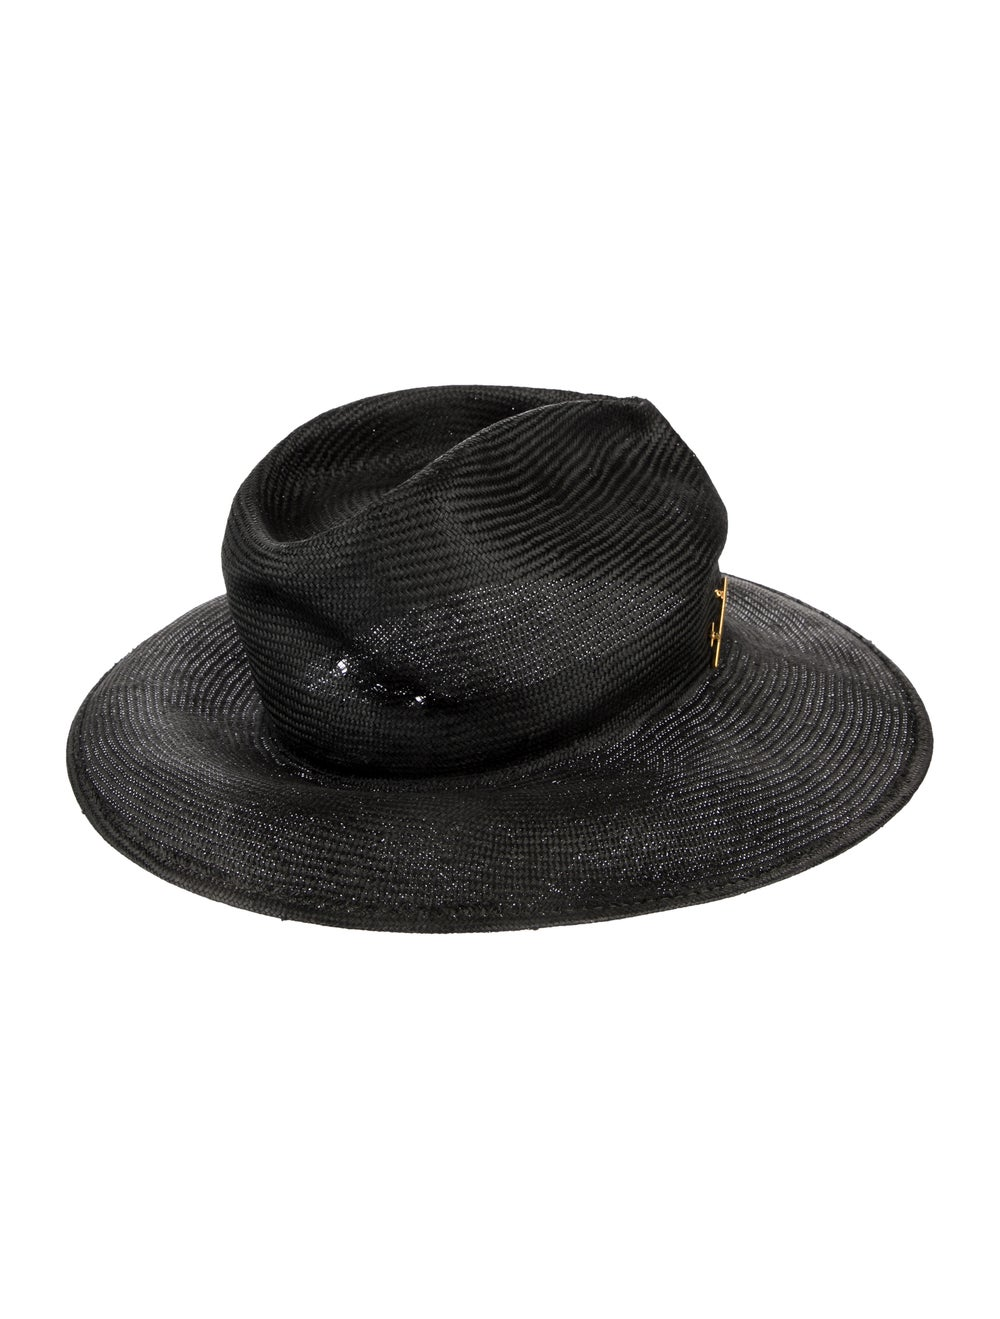 Janessa Leone Straw Wide Brimmed Hat black - image 2